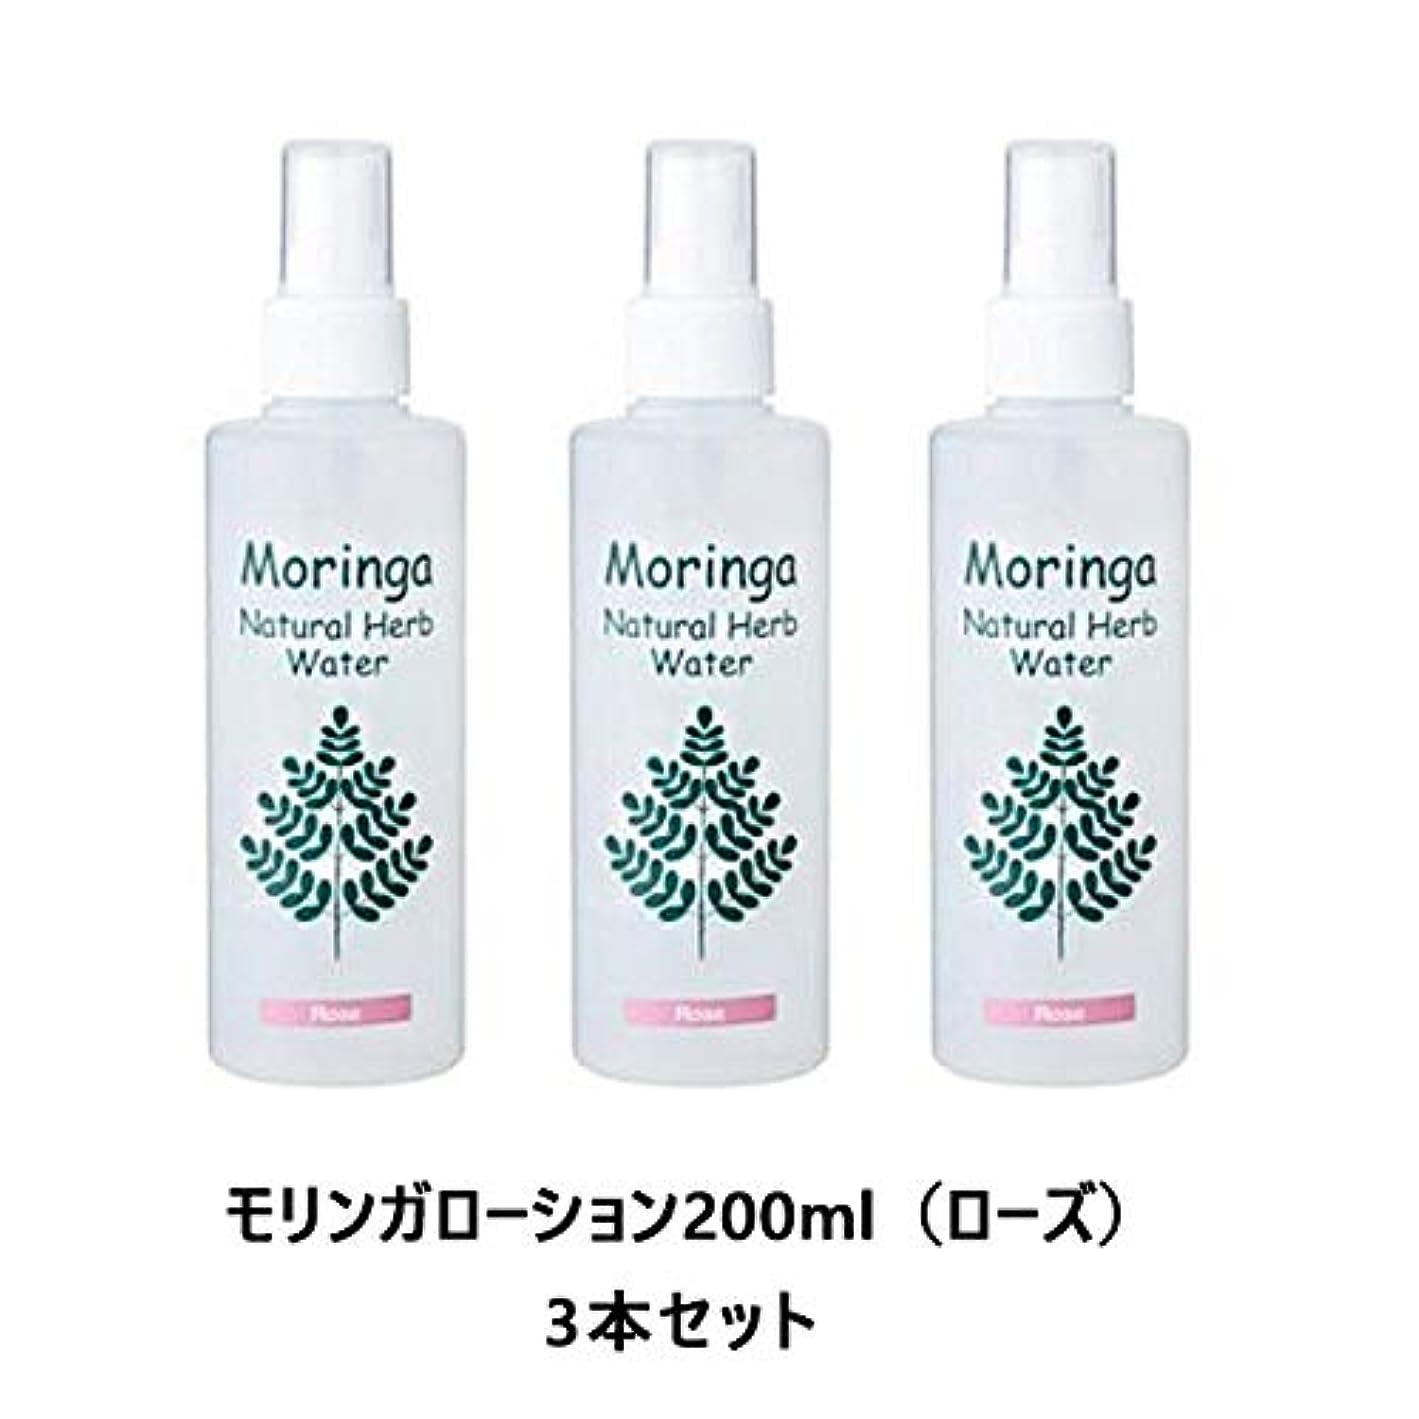 だらしないまもなく愛するモリンガ香草蒸留水(ローズ)200ml×3個                 JAN:4560303913019